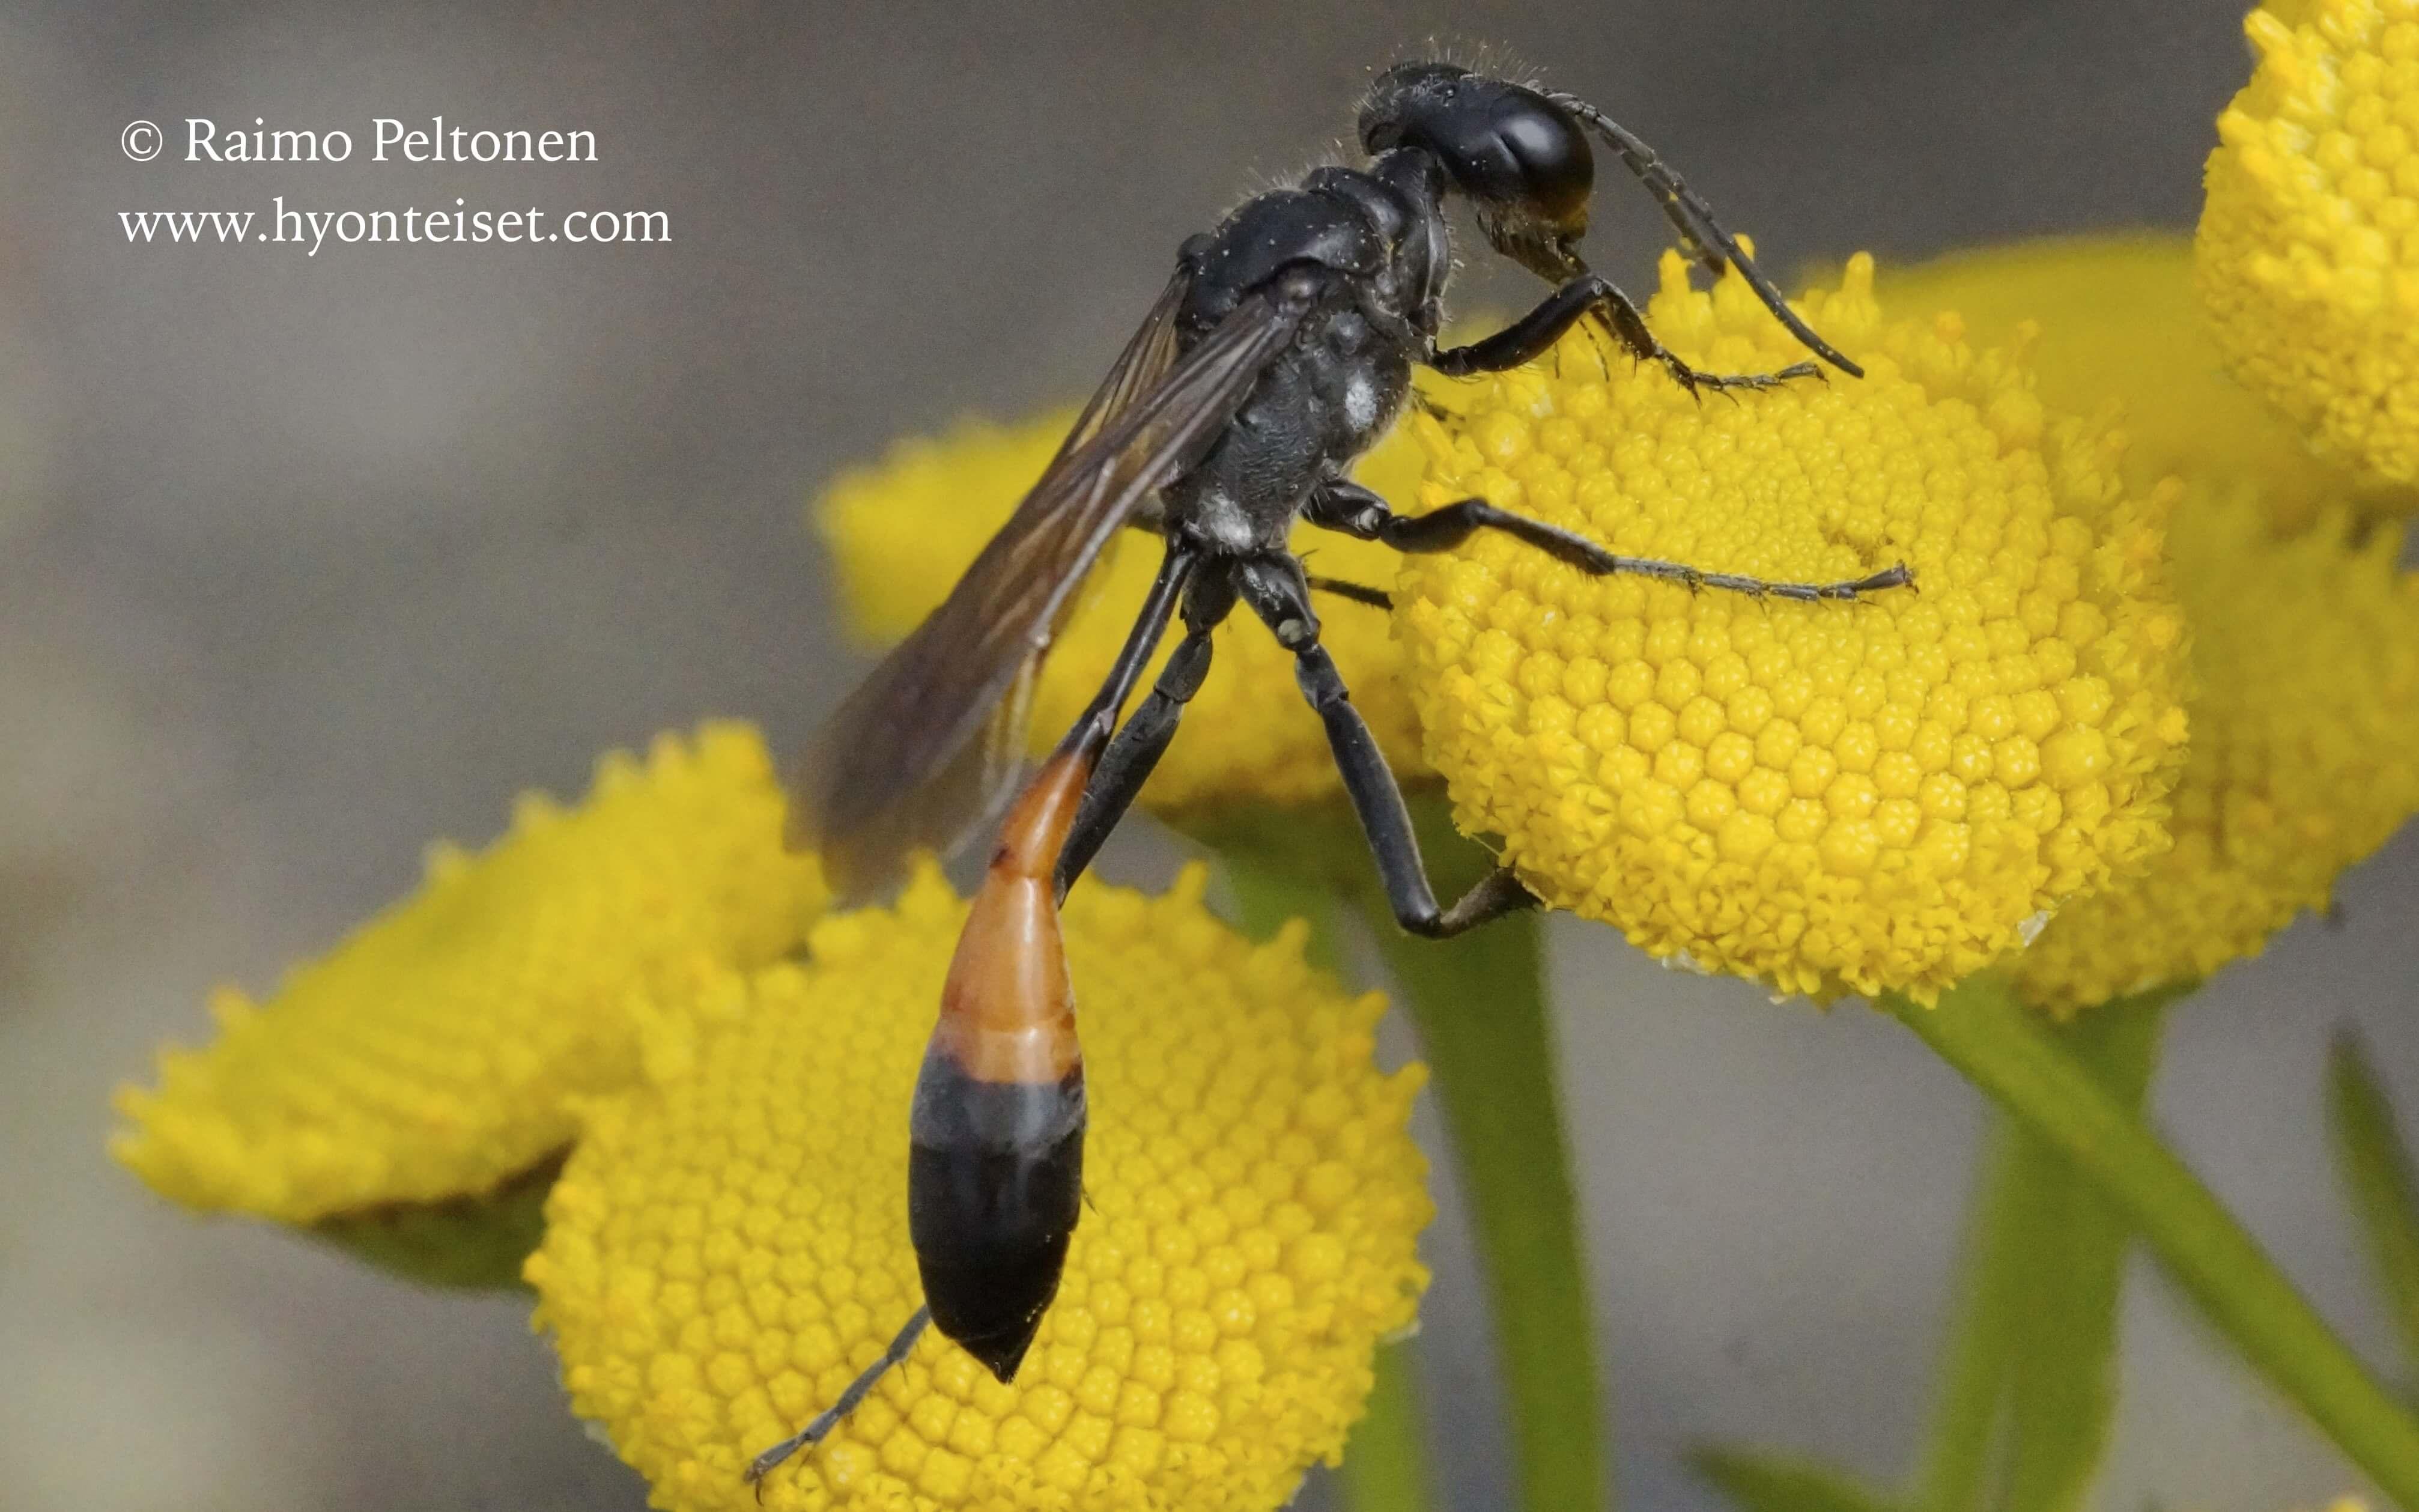 Ammophila sp. (det. Juho Paukkunen)